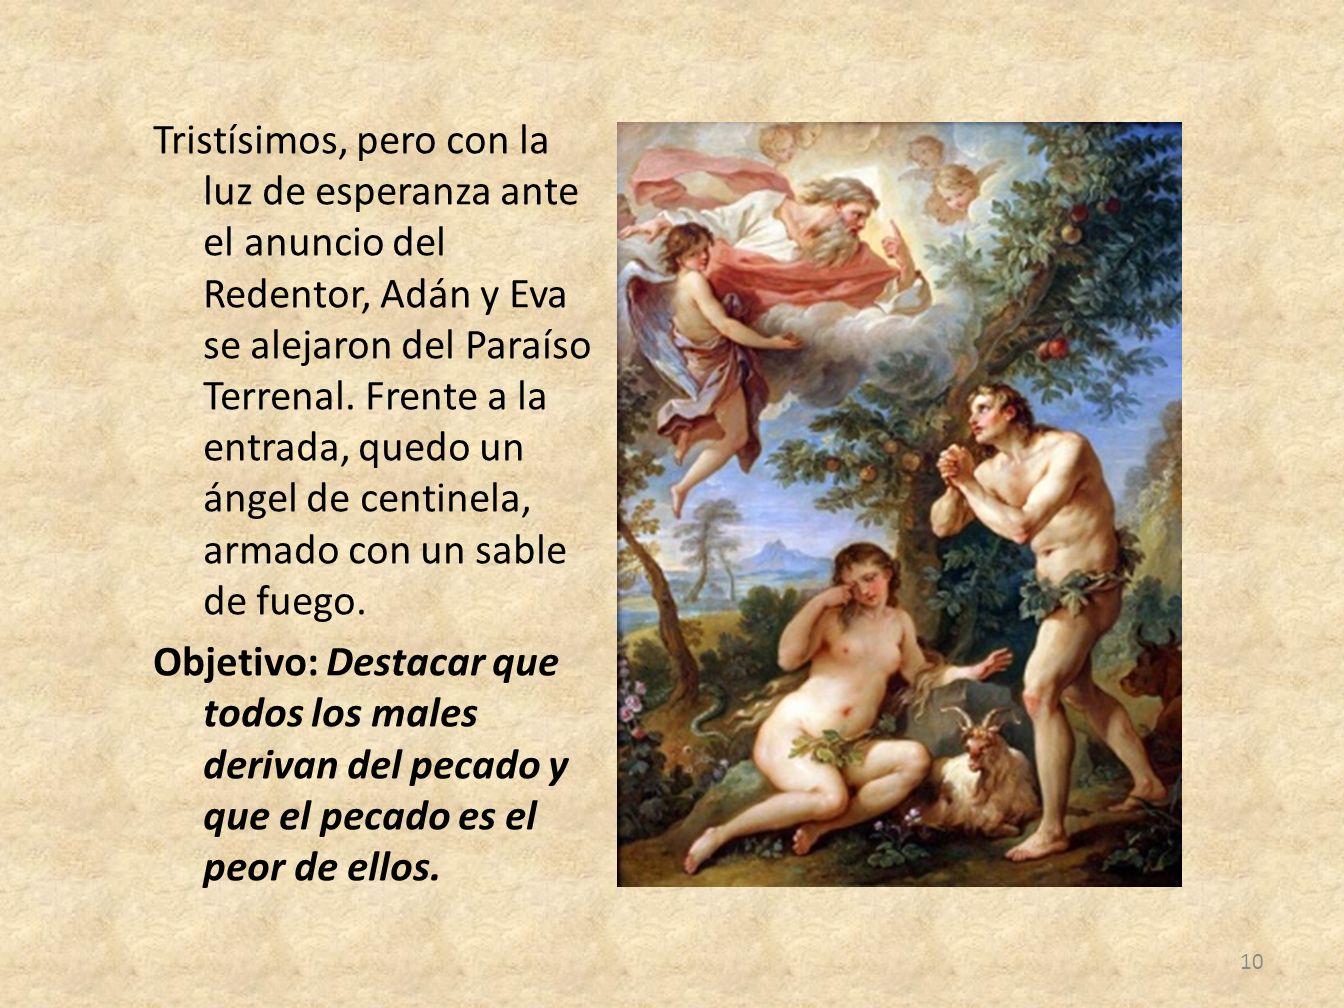 Tristísimos, pero con la luz de esperanza ante el anuncio del Redentor, Adán y Eva se alejaron del Paraíso Terrenal.